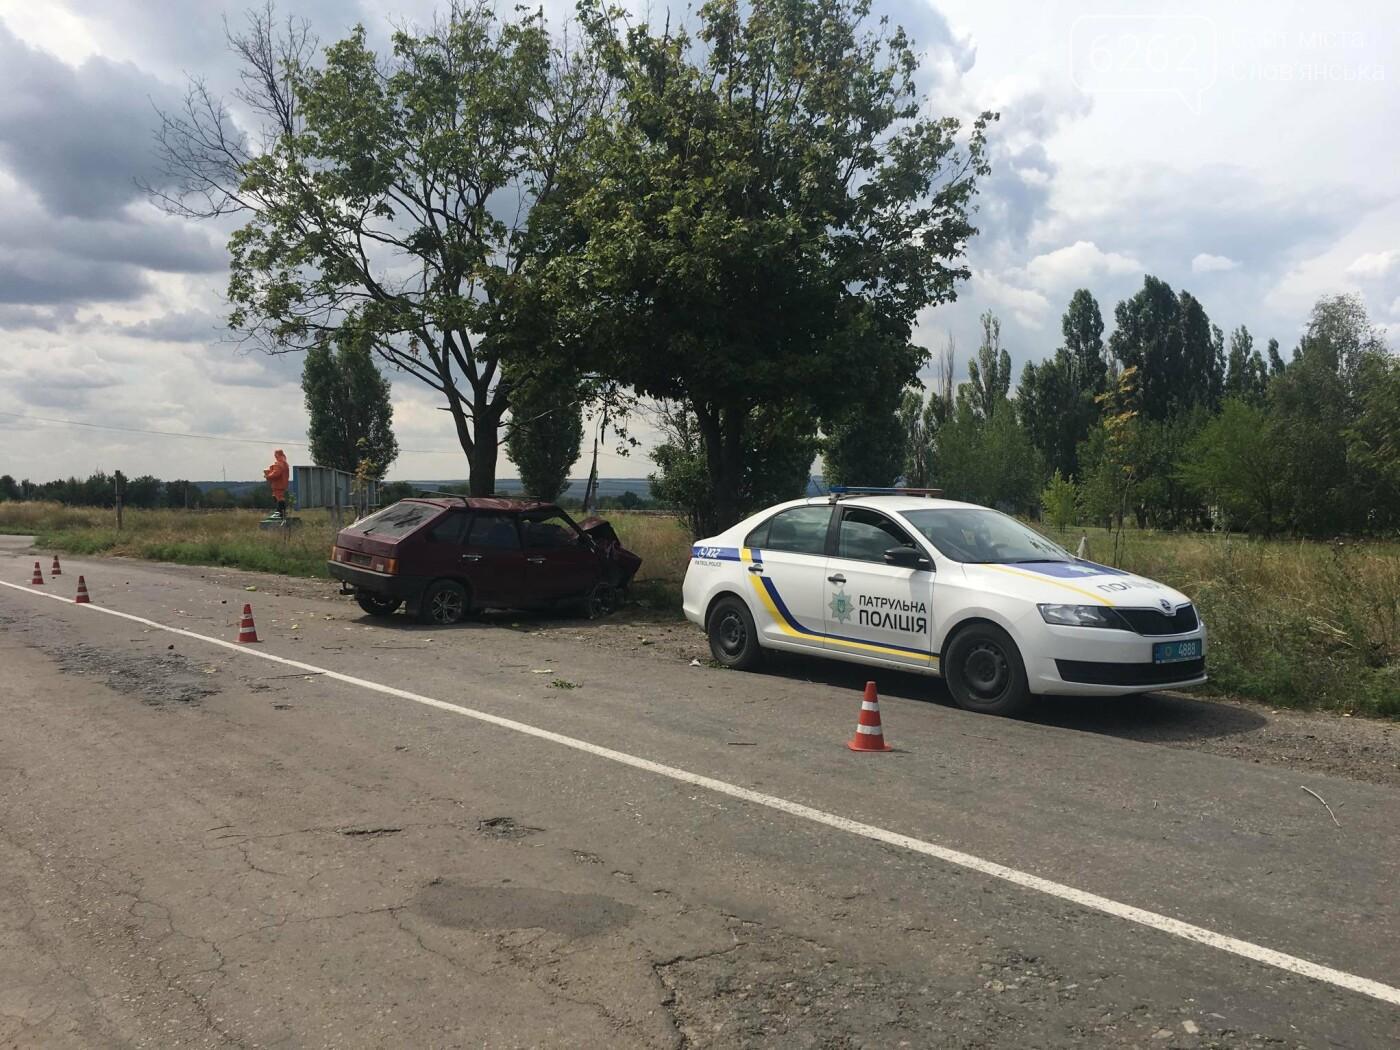 В Славянске произошло очередное ДТП с пострадавшими, фото-2